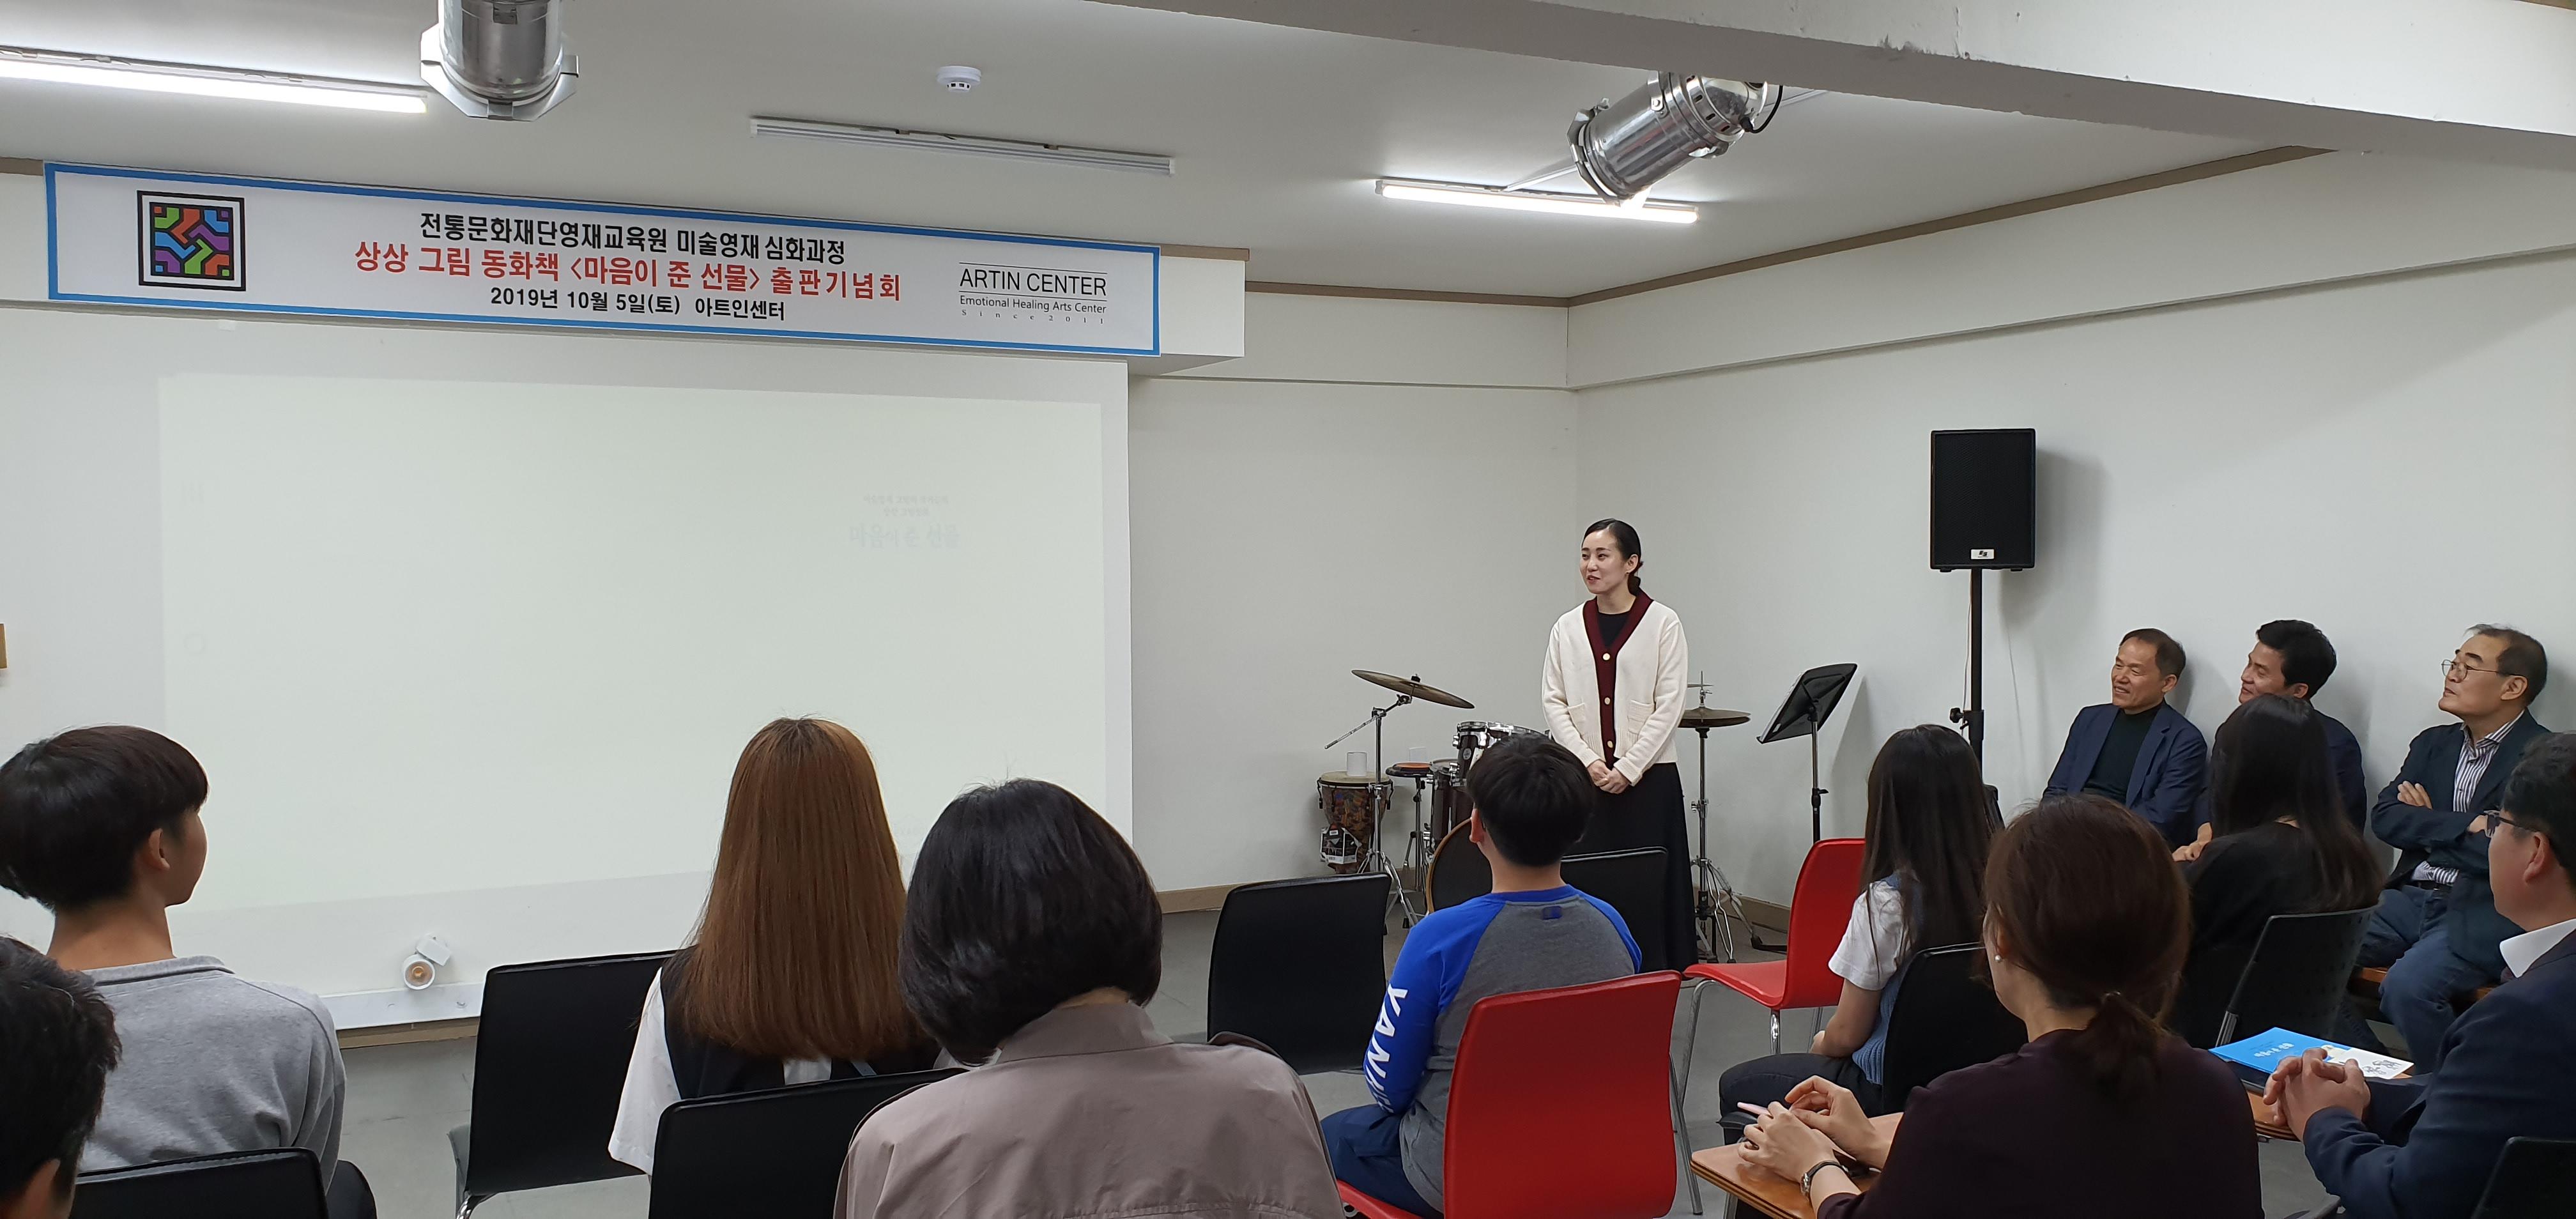 2019미술영재심화 출판기념회4.jpg